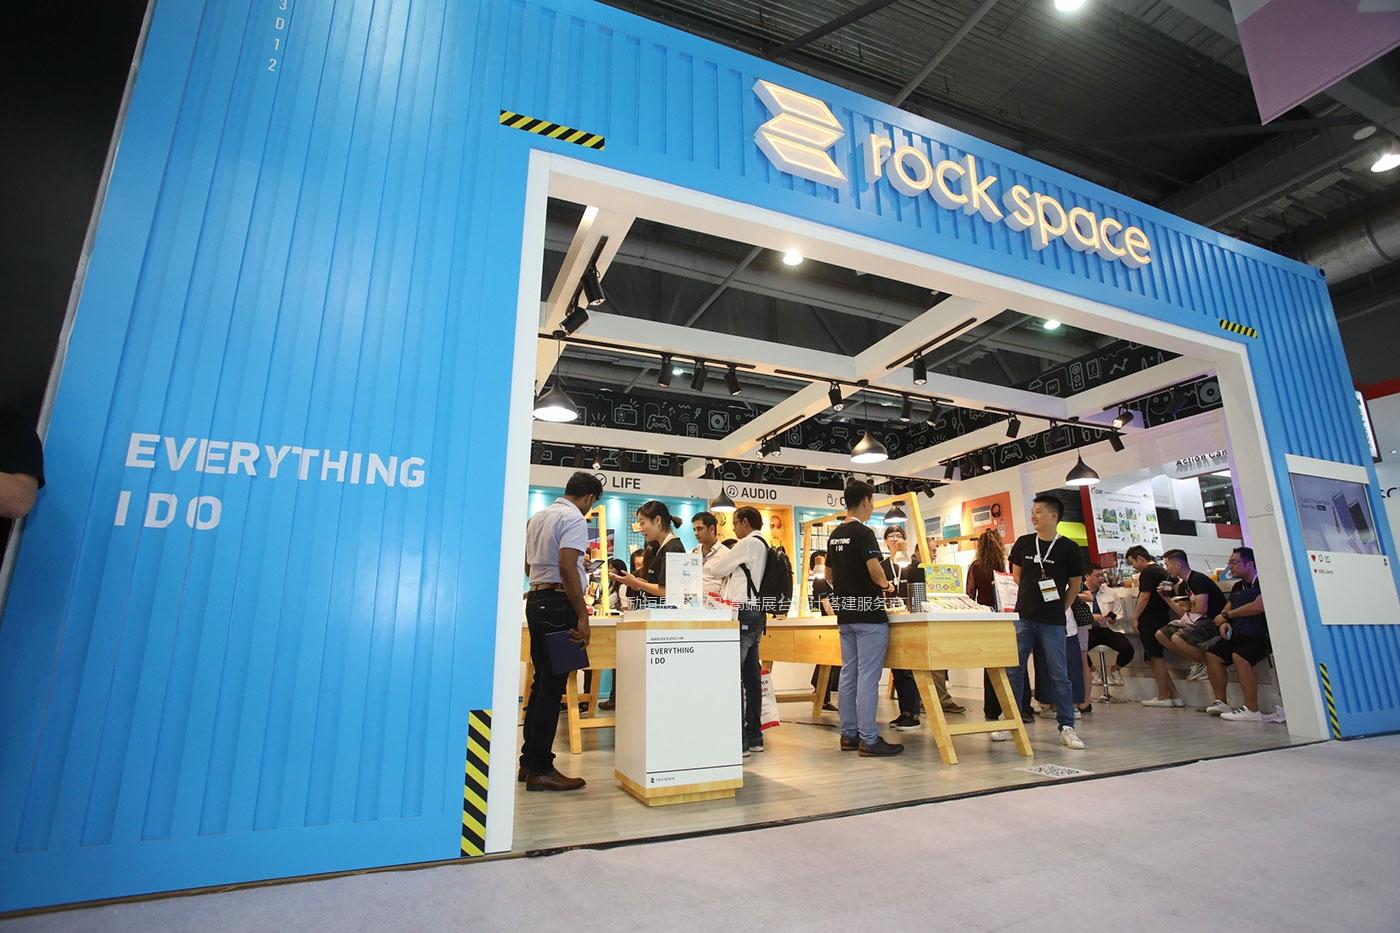 香港秋季电子展-rock space